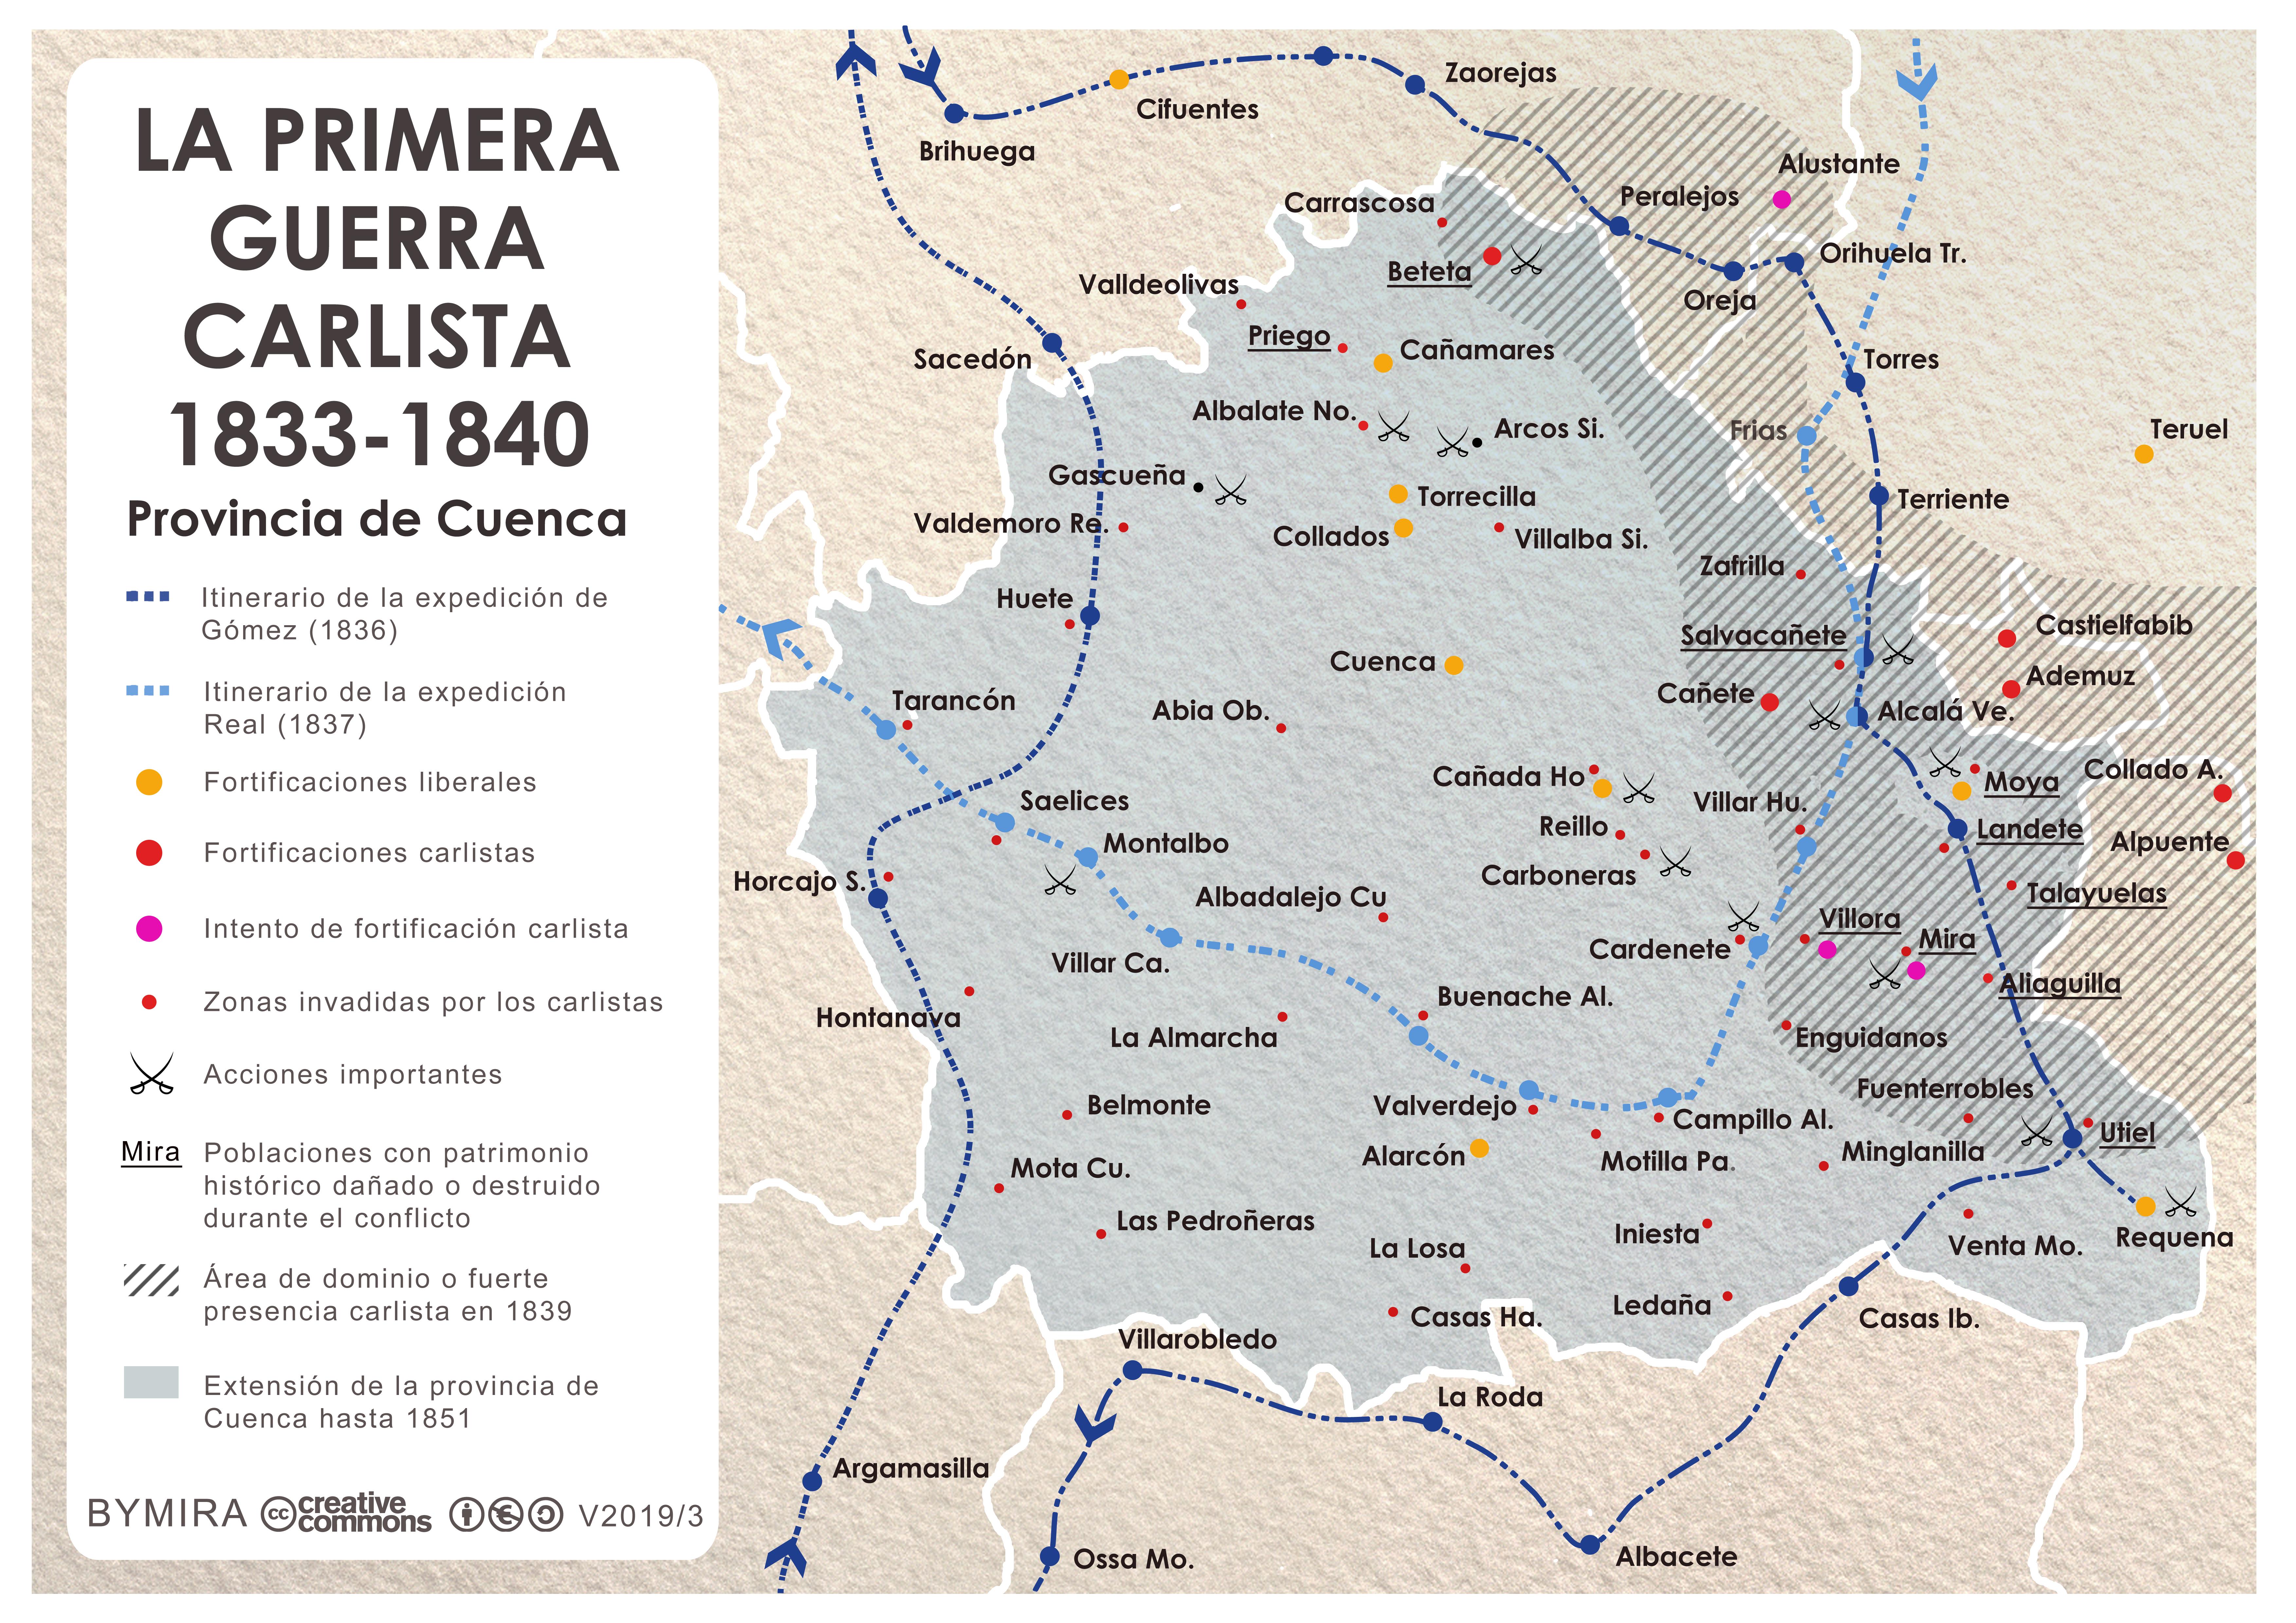 Primera Guerra Carlista Mapa.File Mapa Primera Guerra Carlista Provincia De Cuenca Jpg